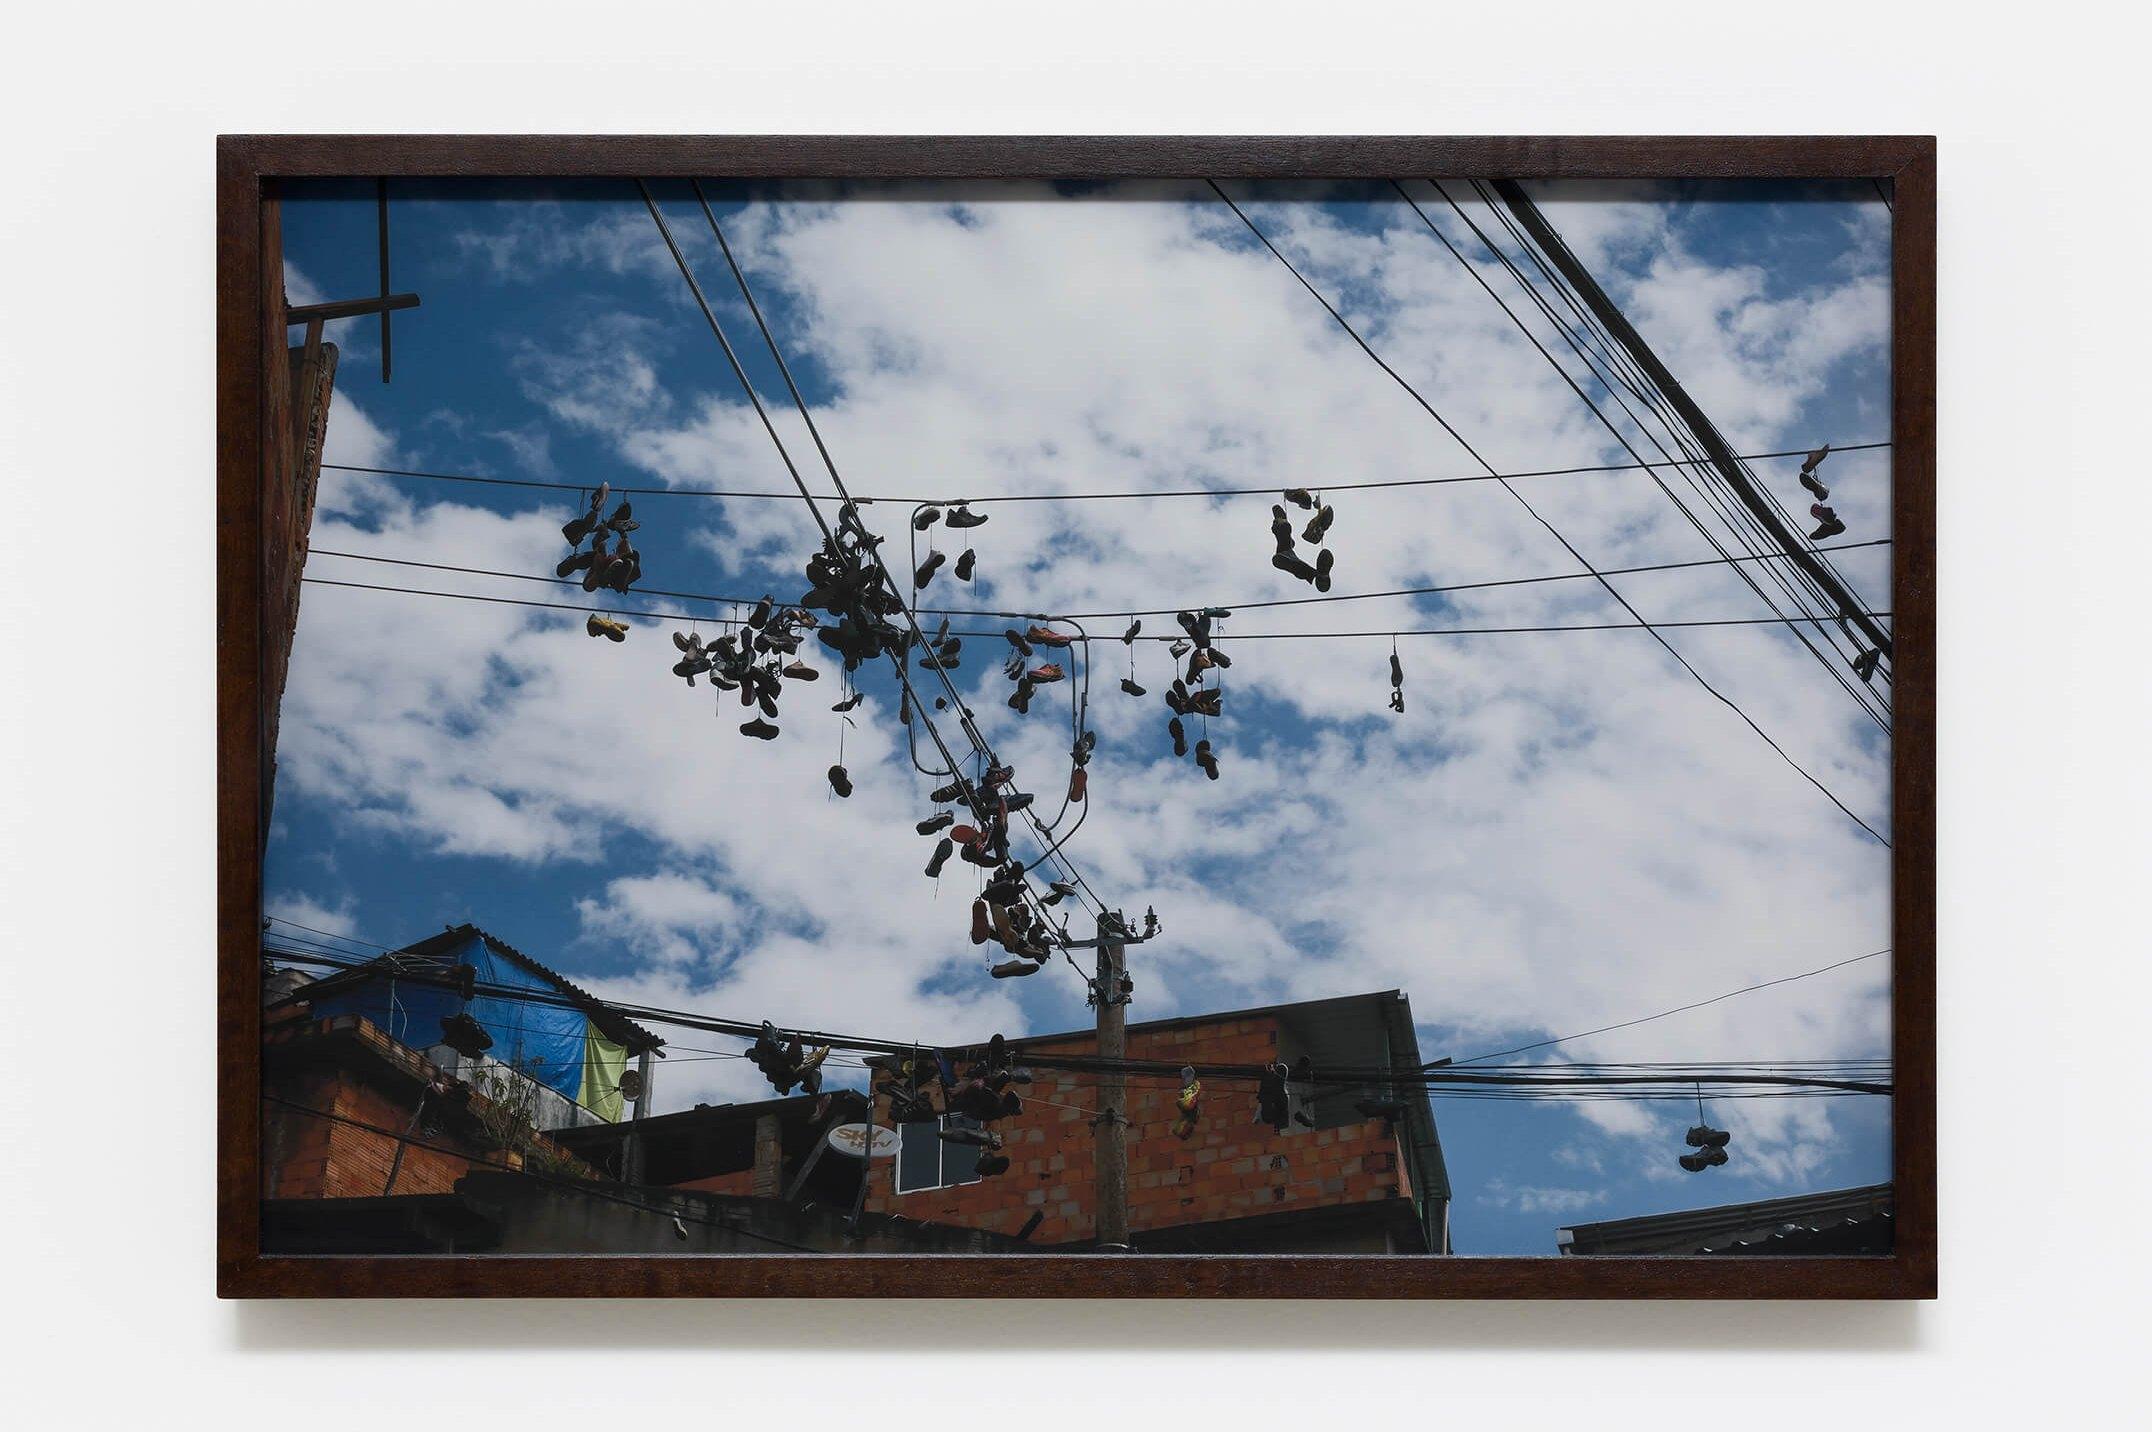 Haroon Gunn-Salie, <em>On the line</em>,2016,print on paper,59,4 × 39,6 cm<br><br> - Mendes Wood DM